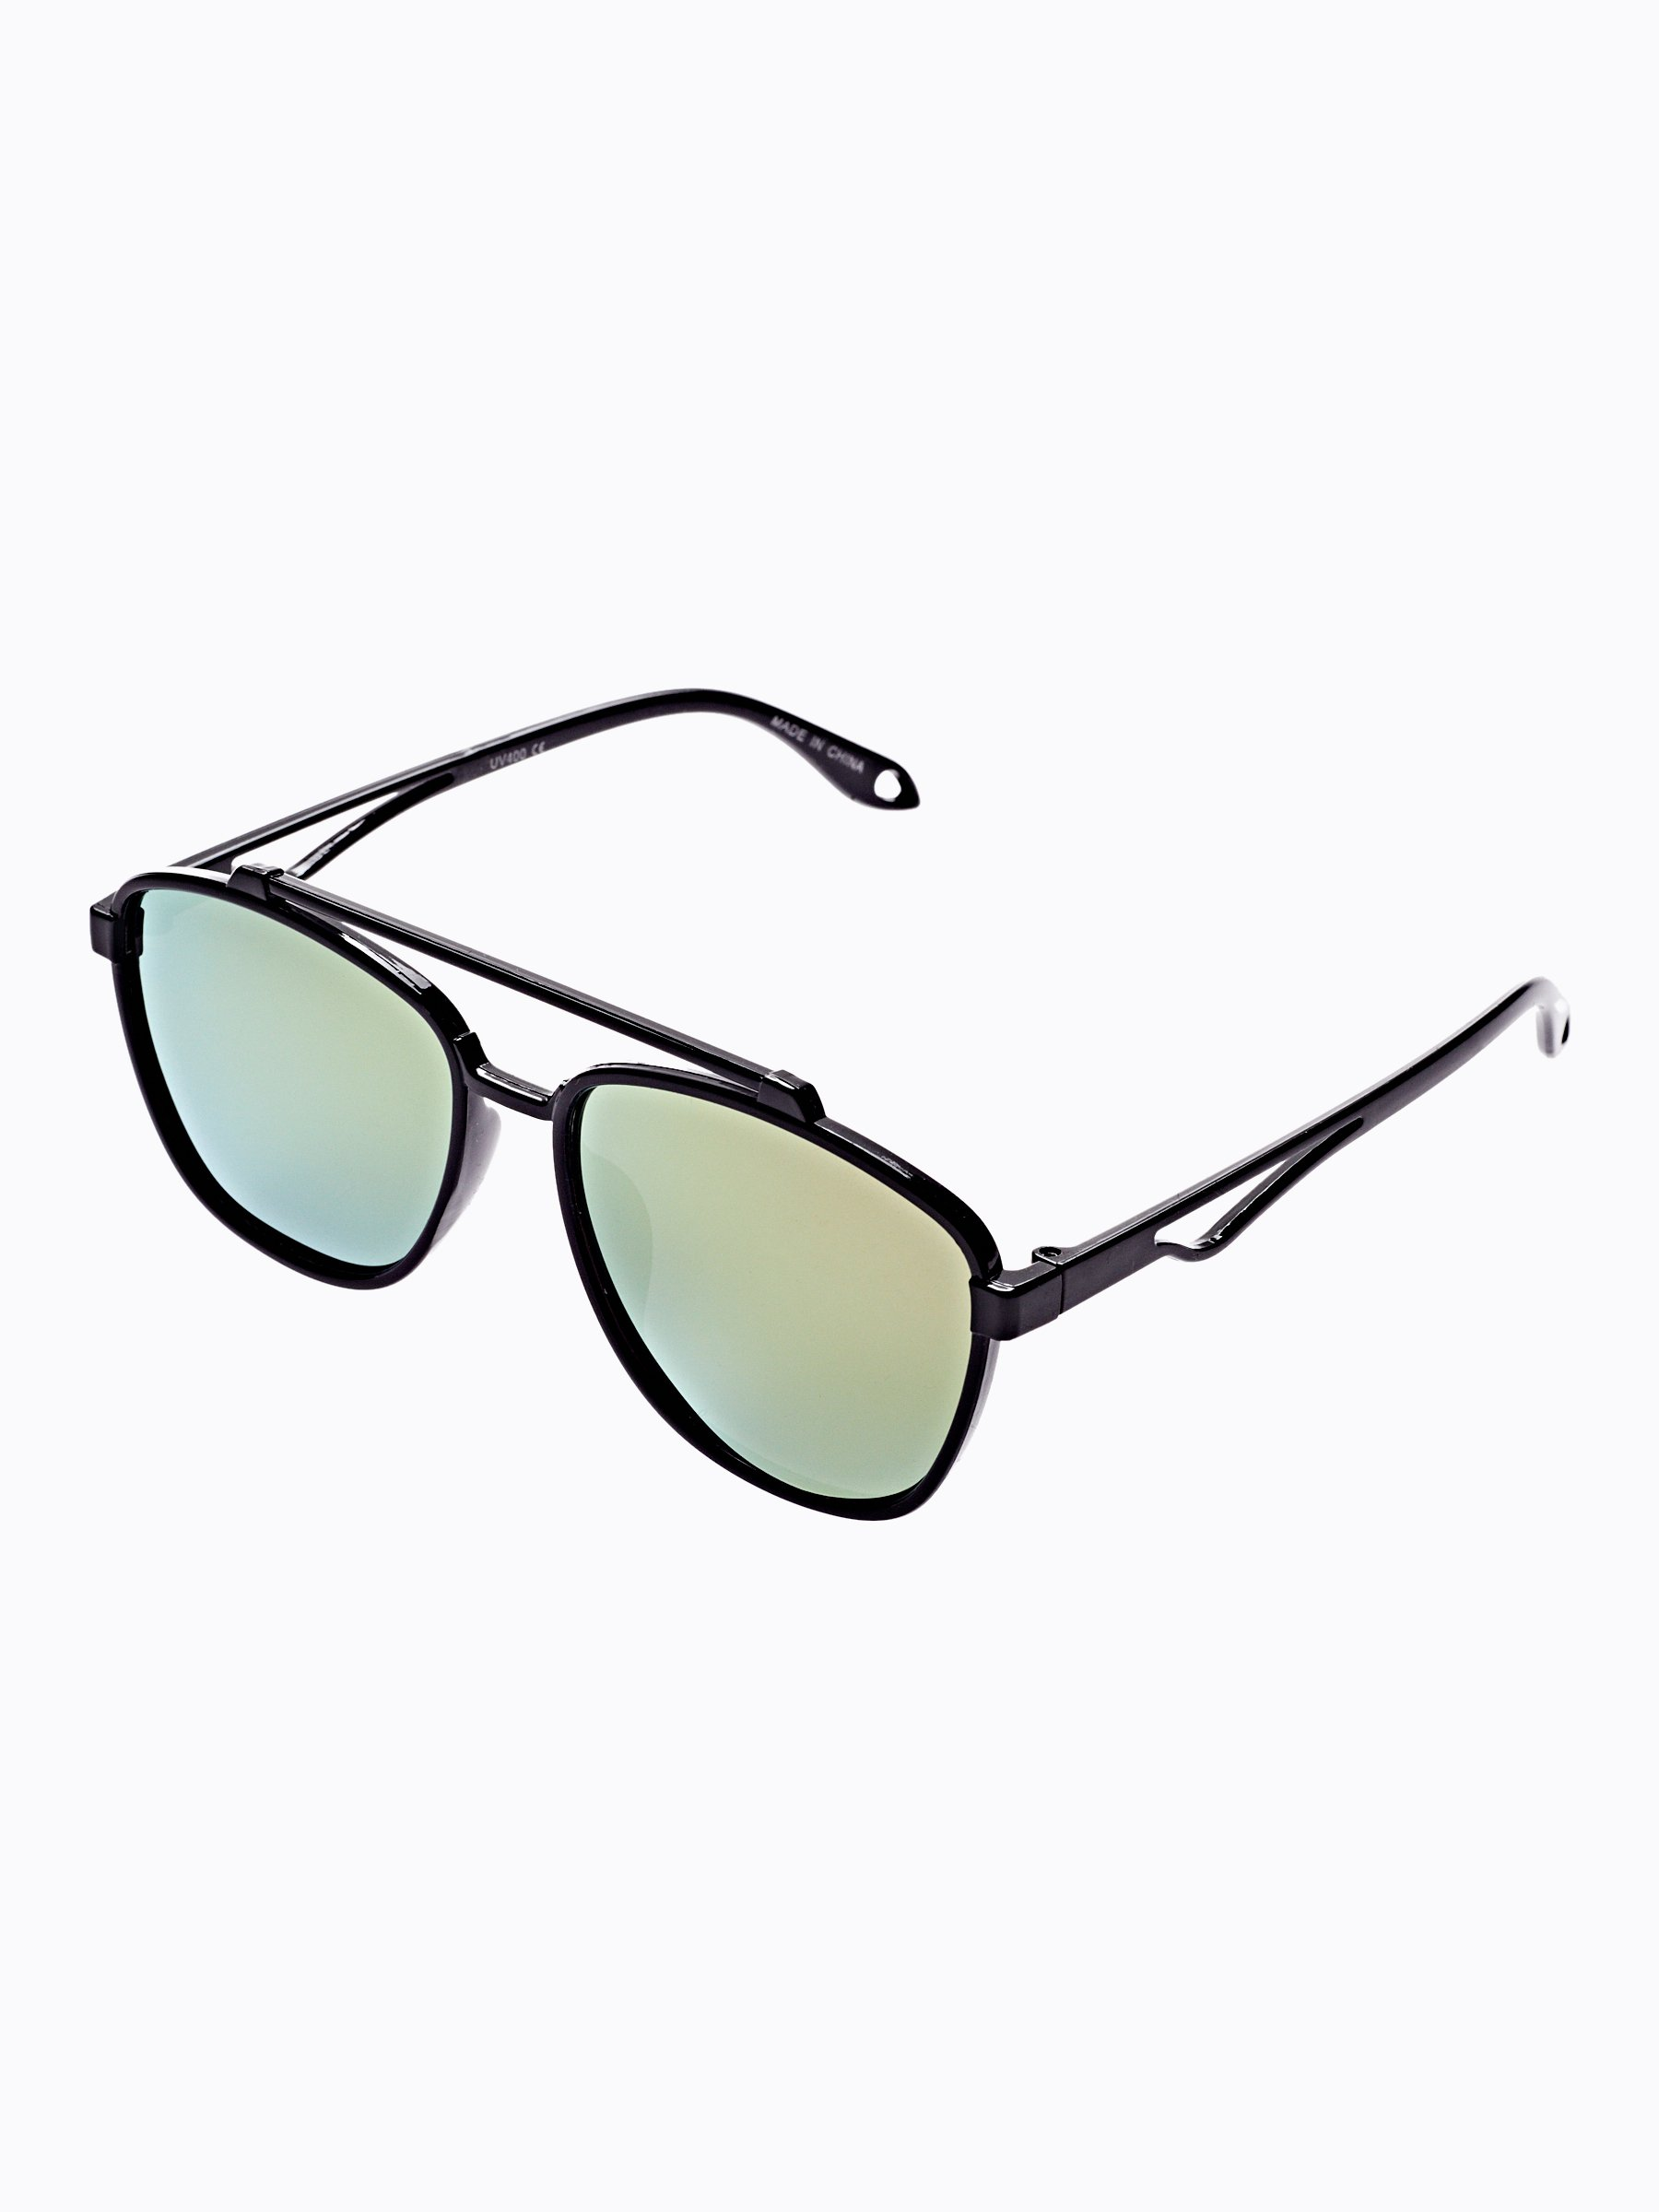 a2c23382b Slnečné okuliare aviator | GATE